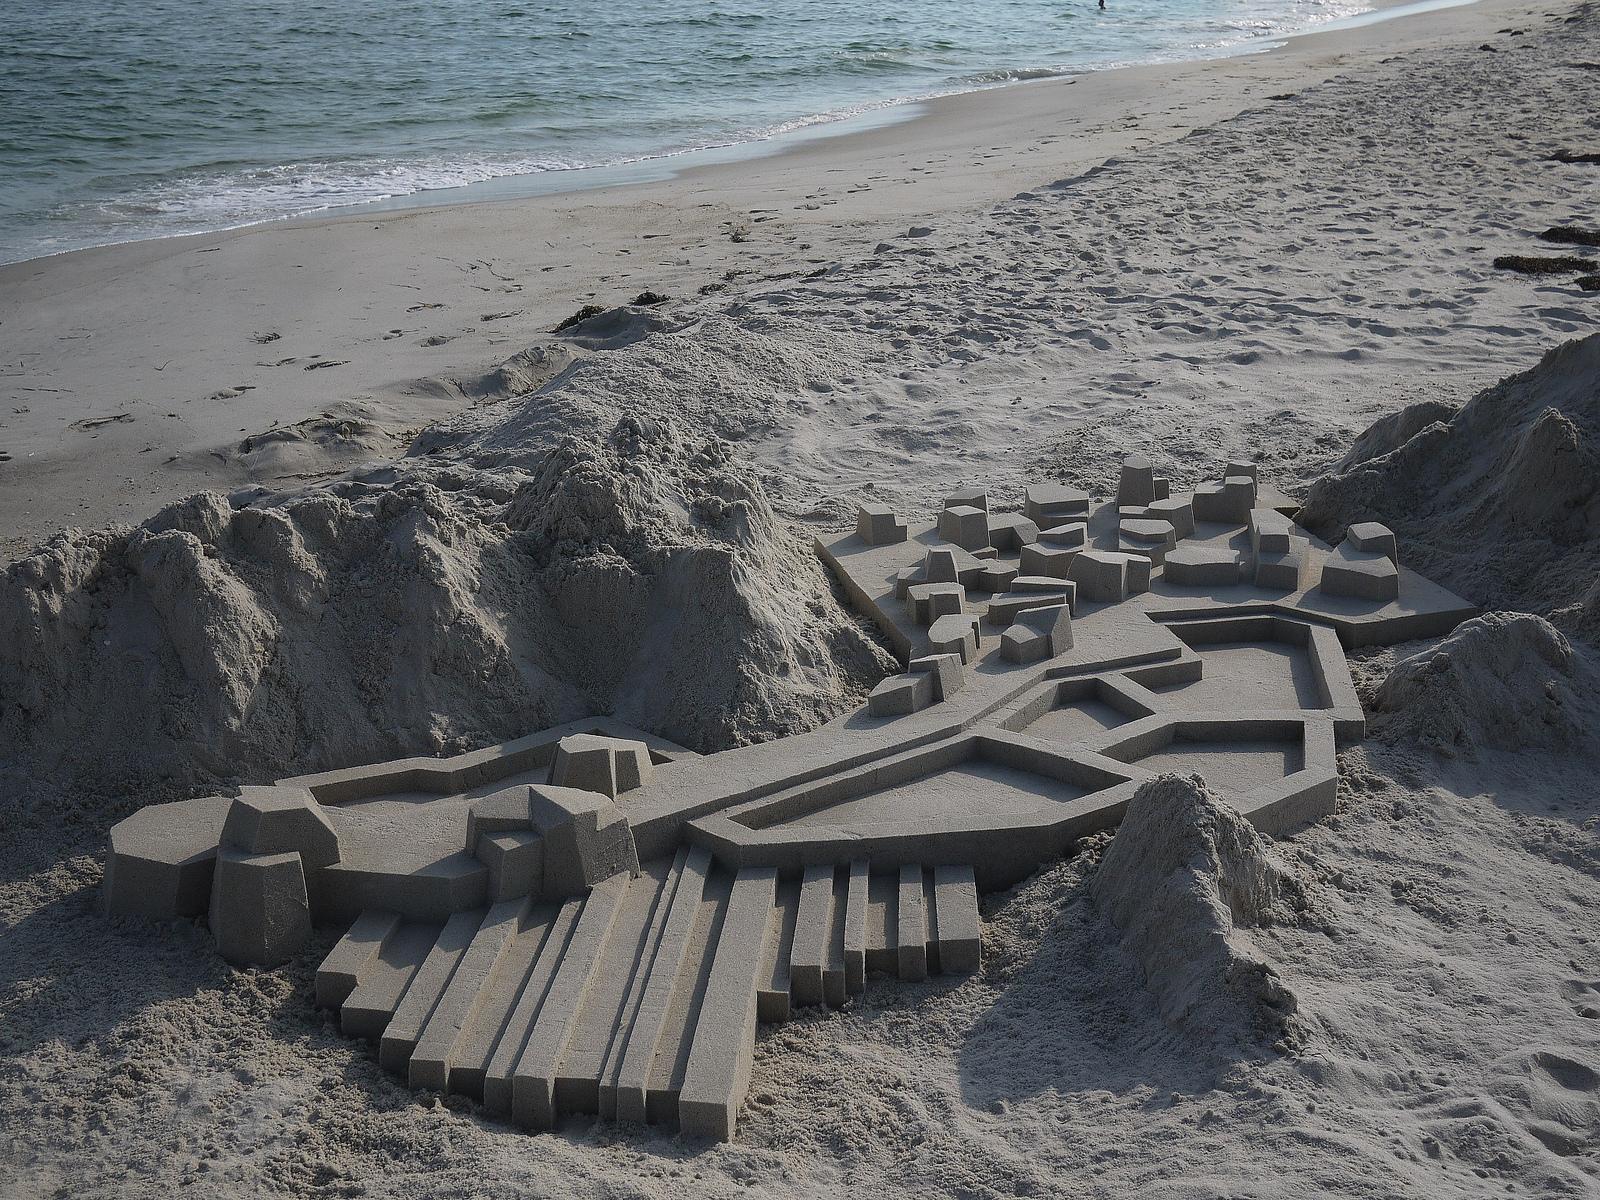 sand-castles-calvin-seibert- 18